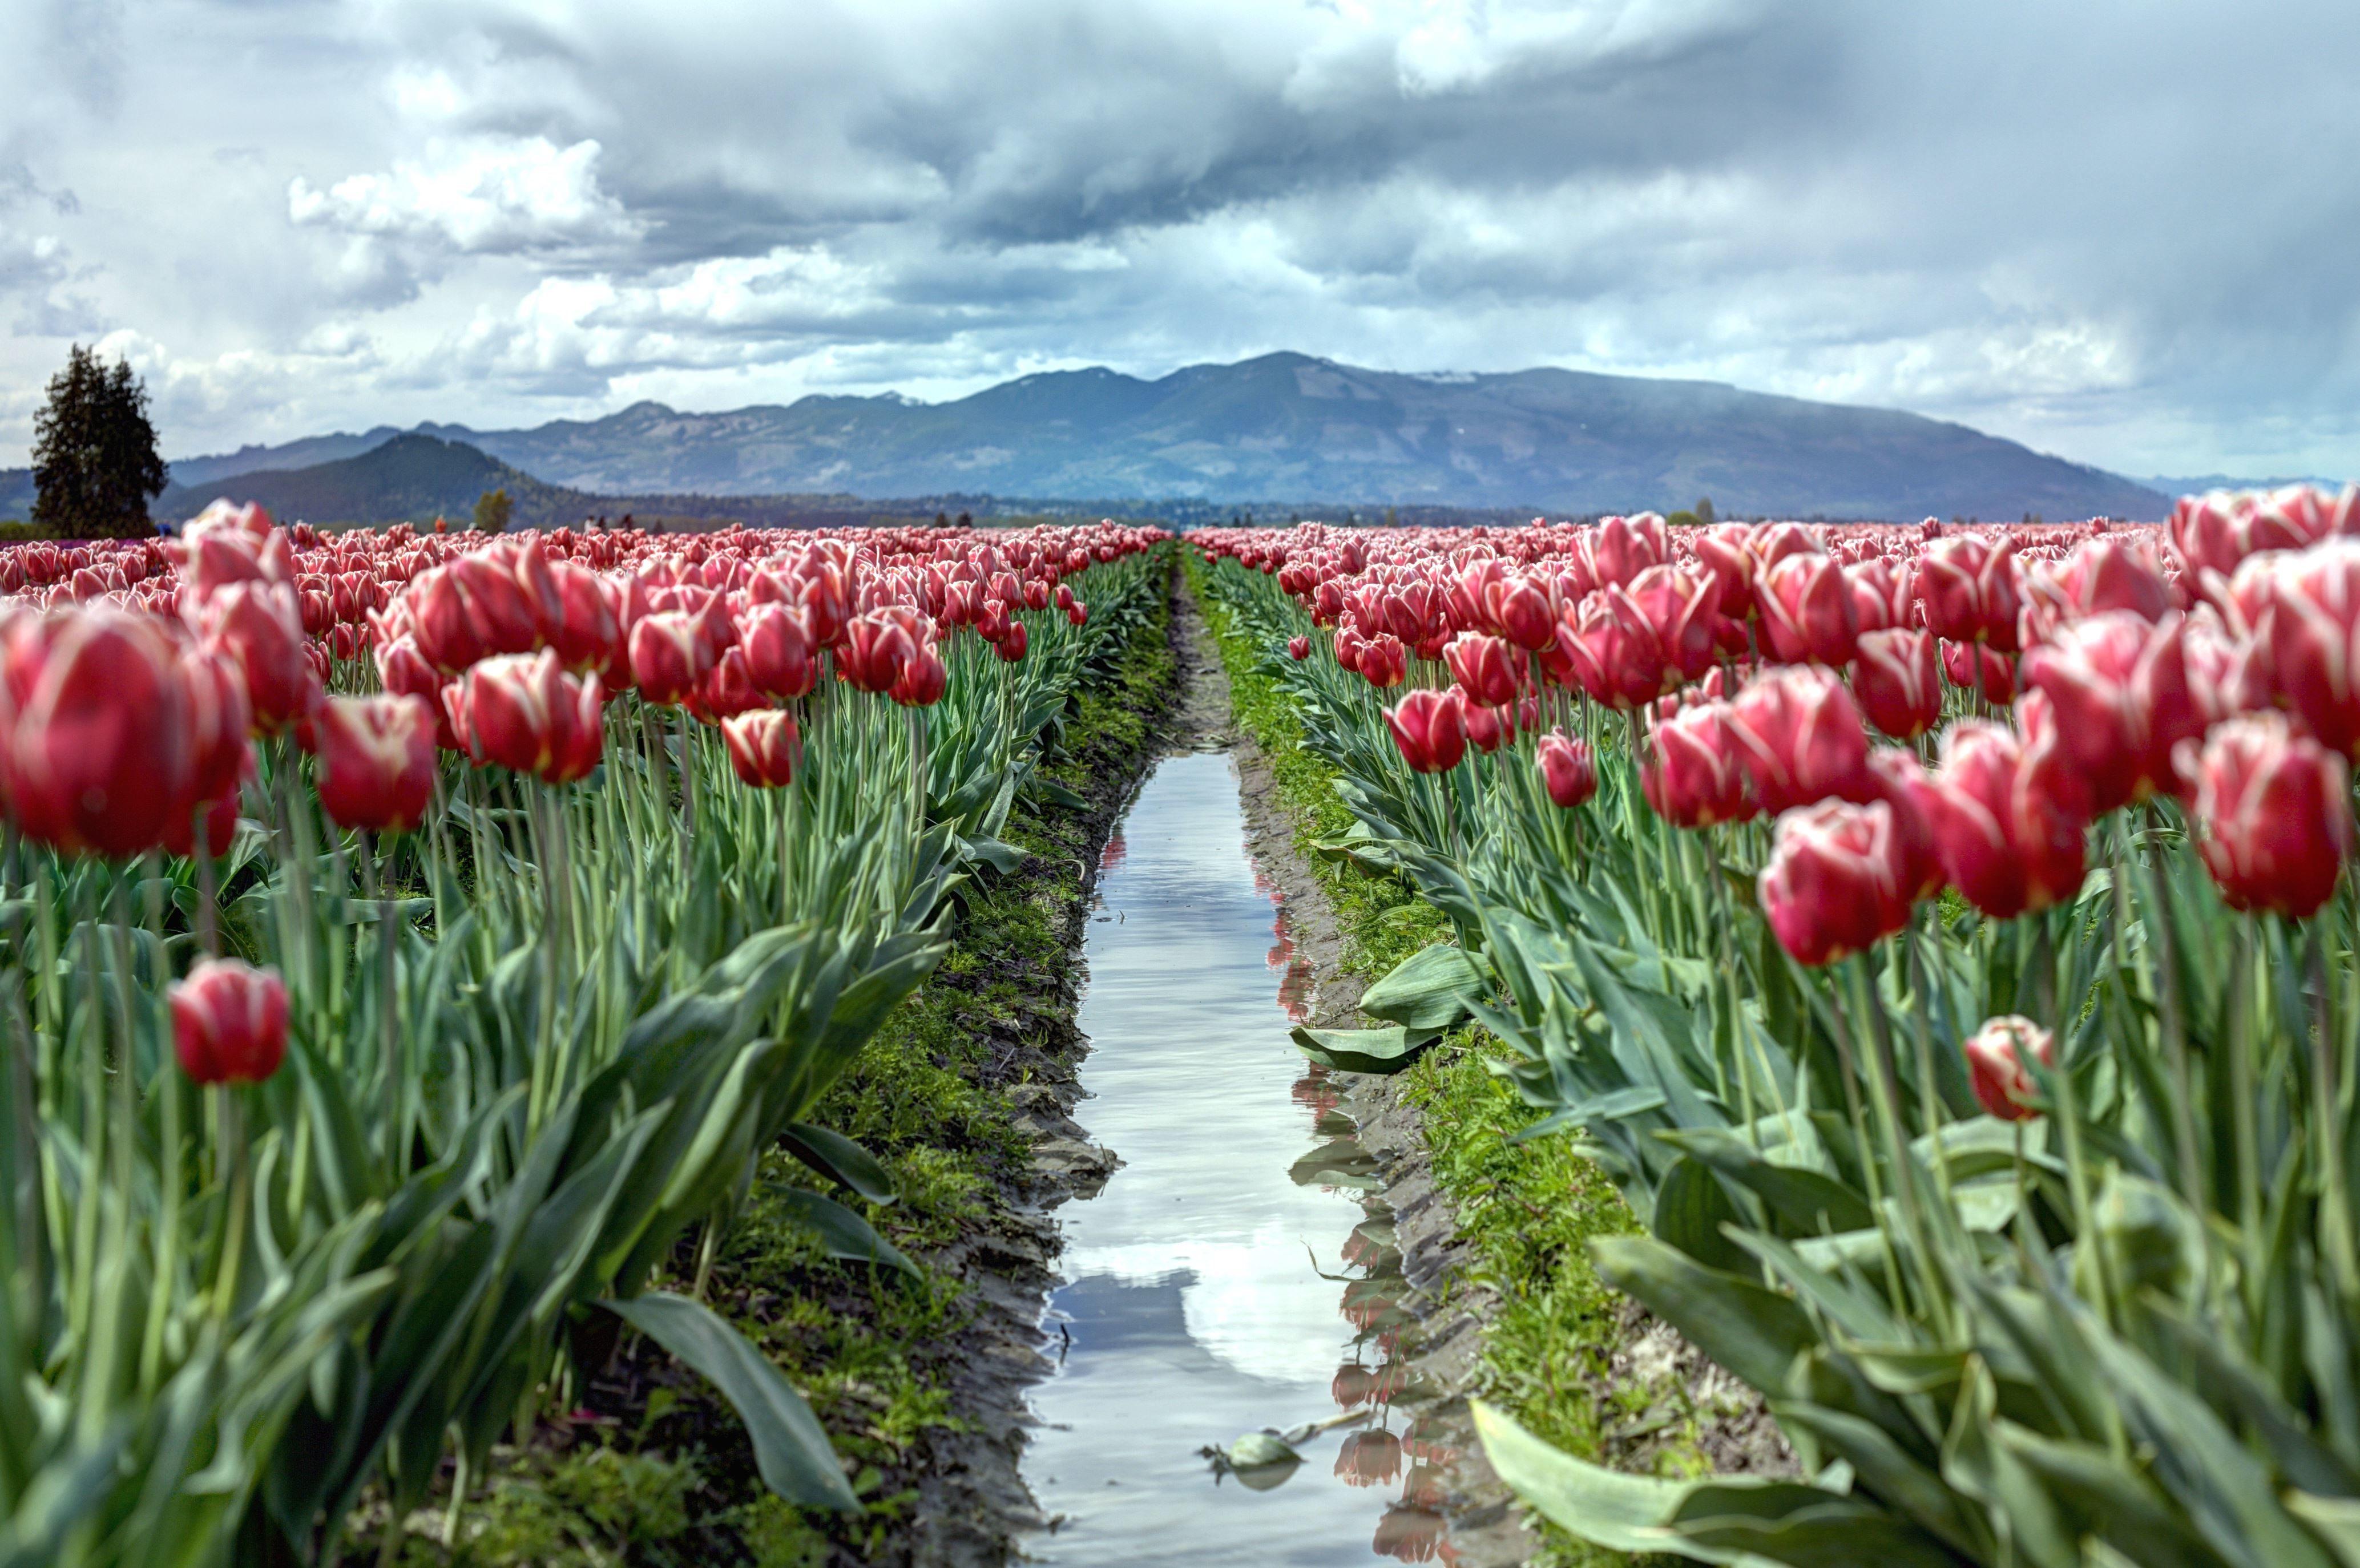 красивые горные пейзажи весна с тюльпанами фото ширине крышки